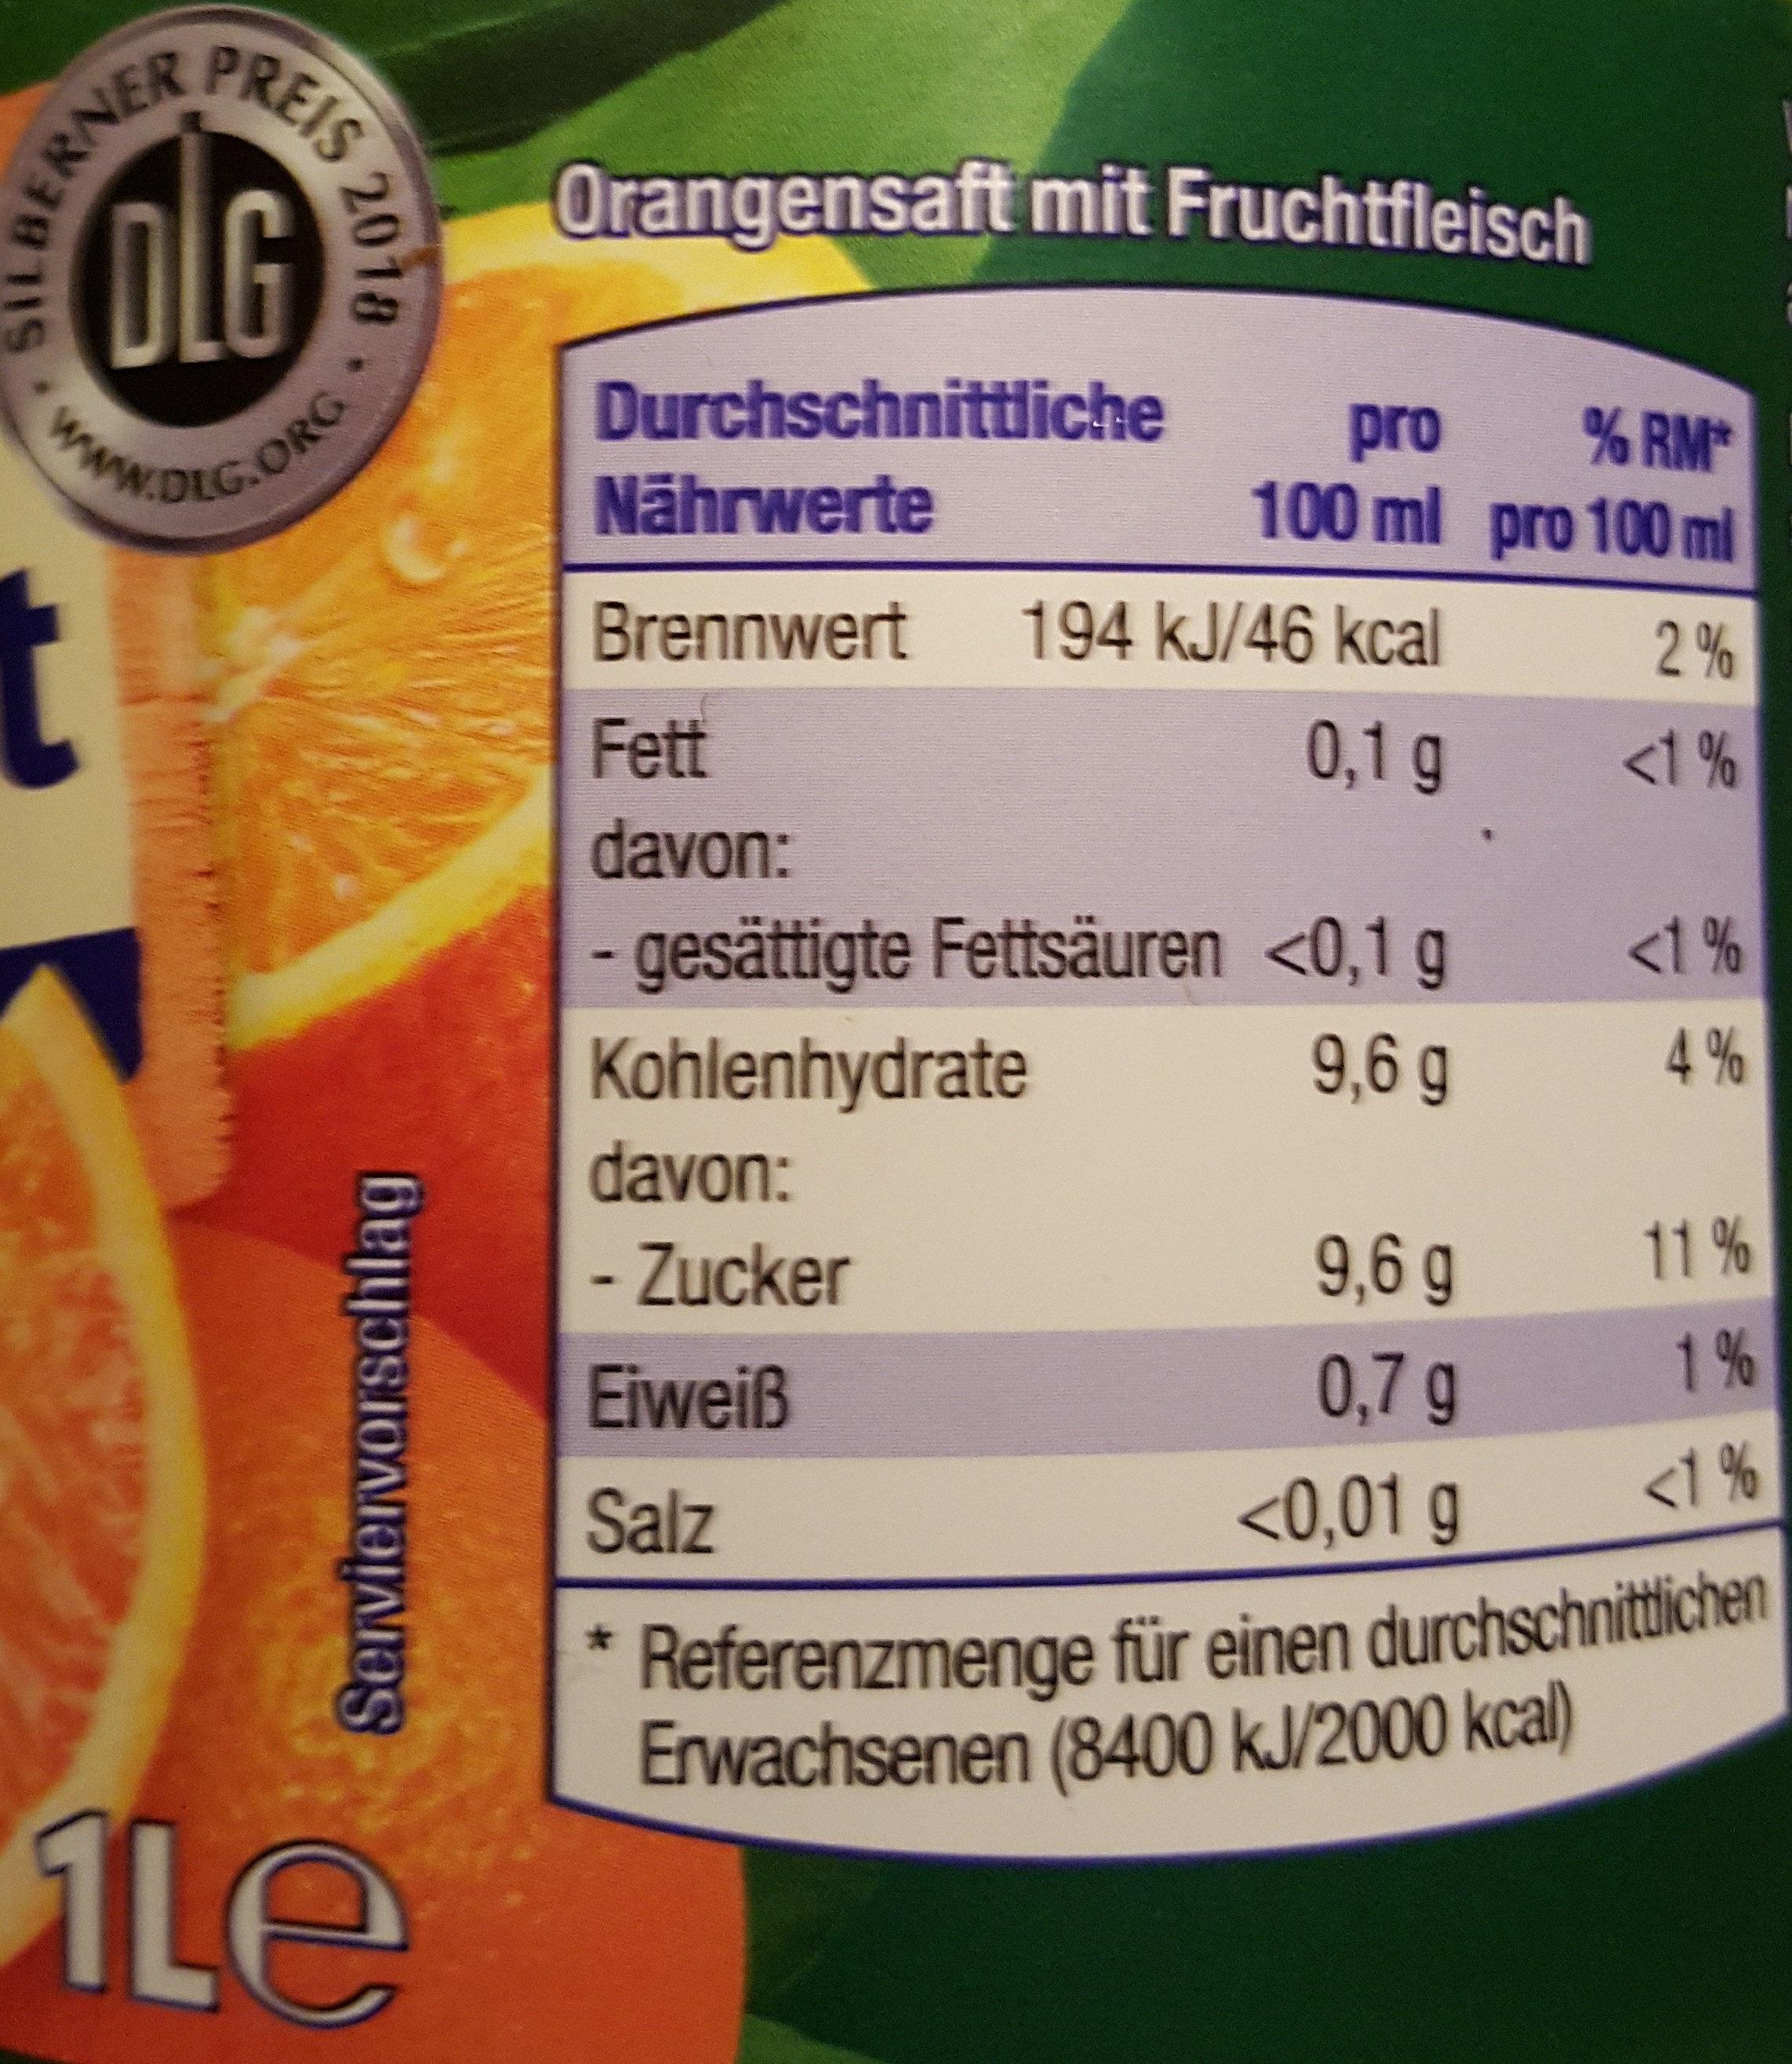 Fruchtstern - Orange 100% Direktsaft Mit Fruchtfleisch - Voedingswaarden - de